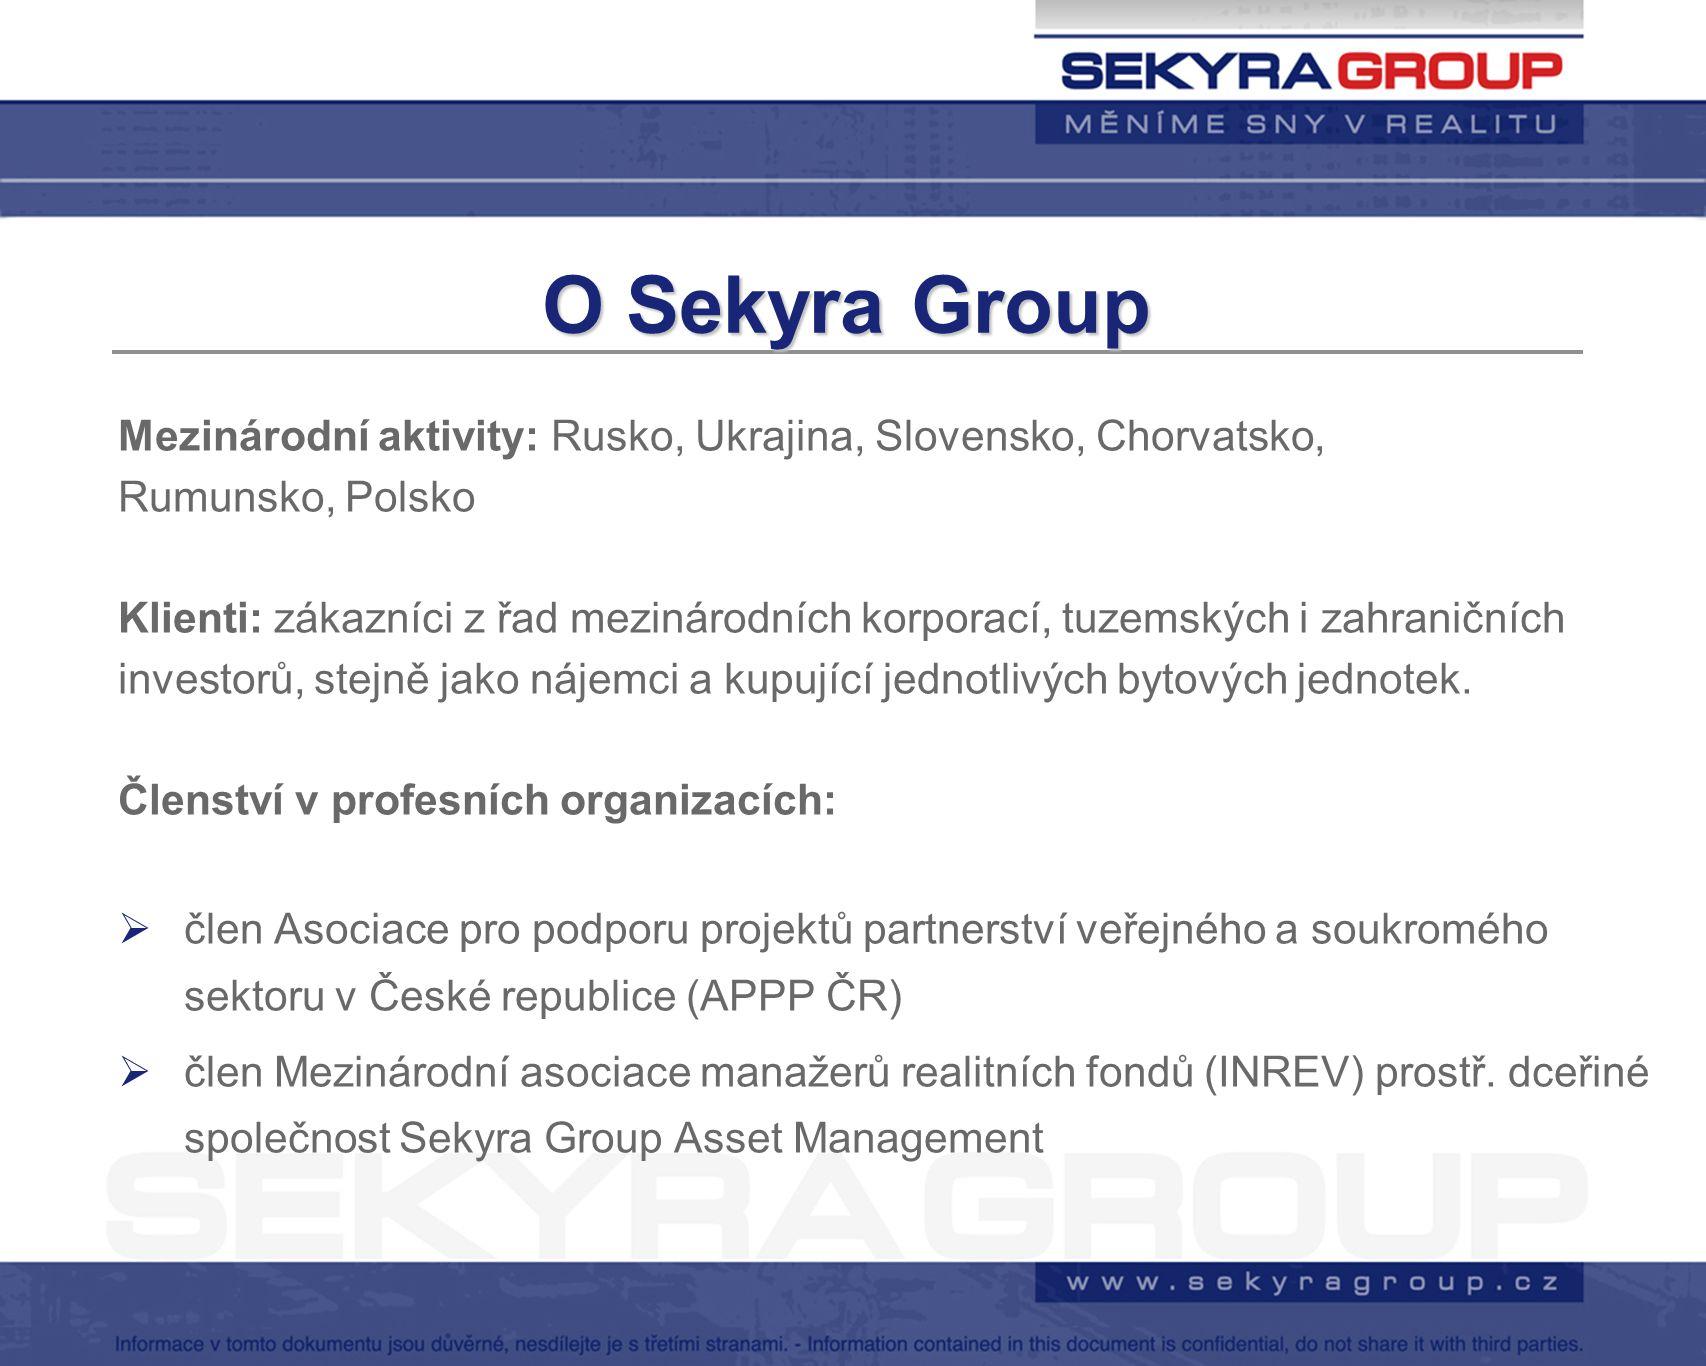 O Sekyra Group Mezinárodní aktivity: Rusko, Ukrajina, Slovensko, Chorvatsko, Rumunsko, Polsko Klienti: zákazníci z řad mezinárodních korporací, tuzems